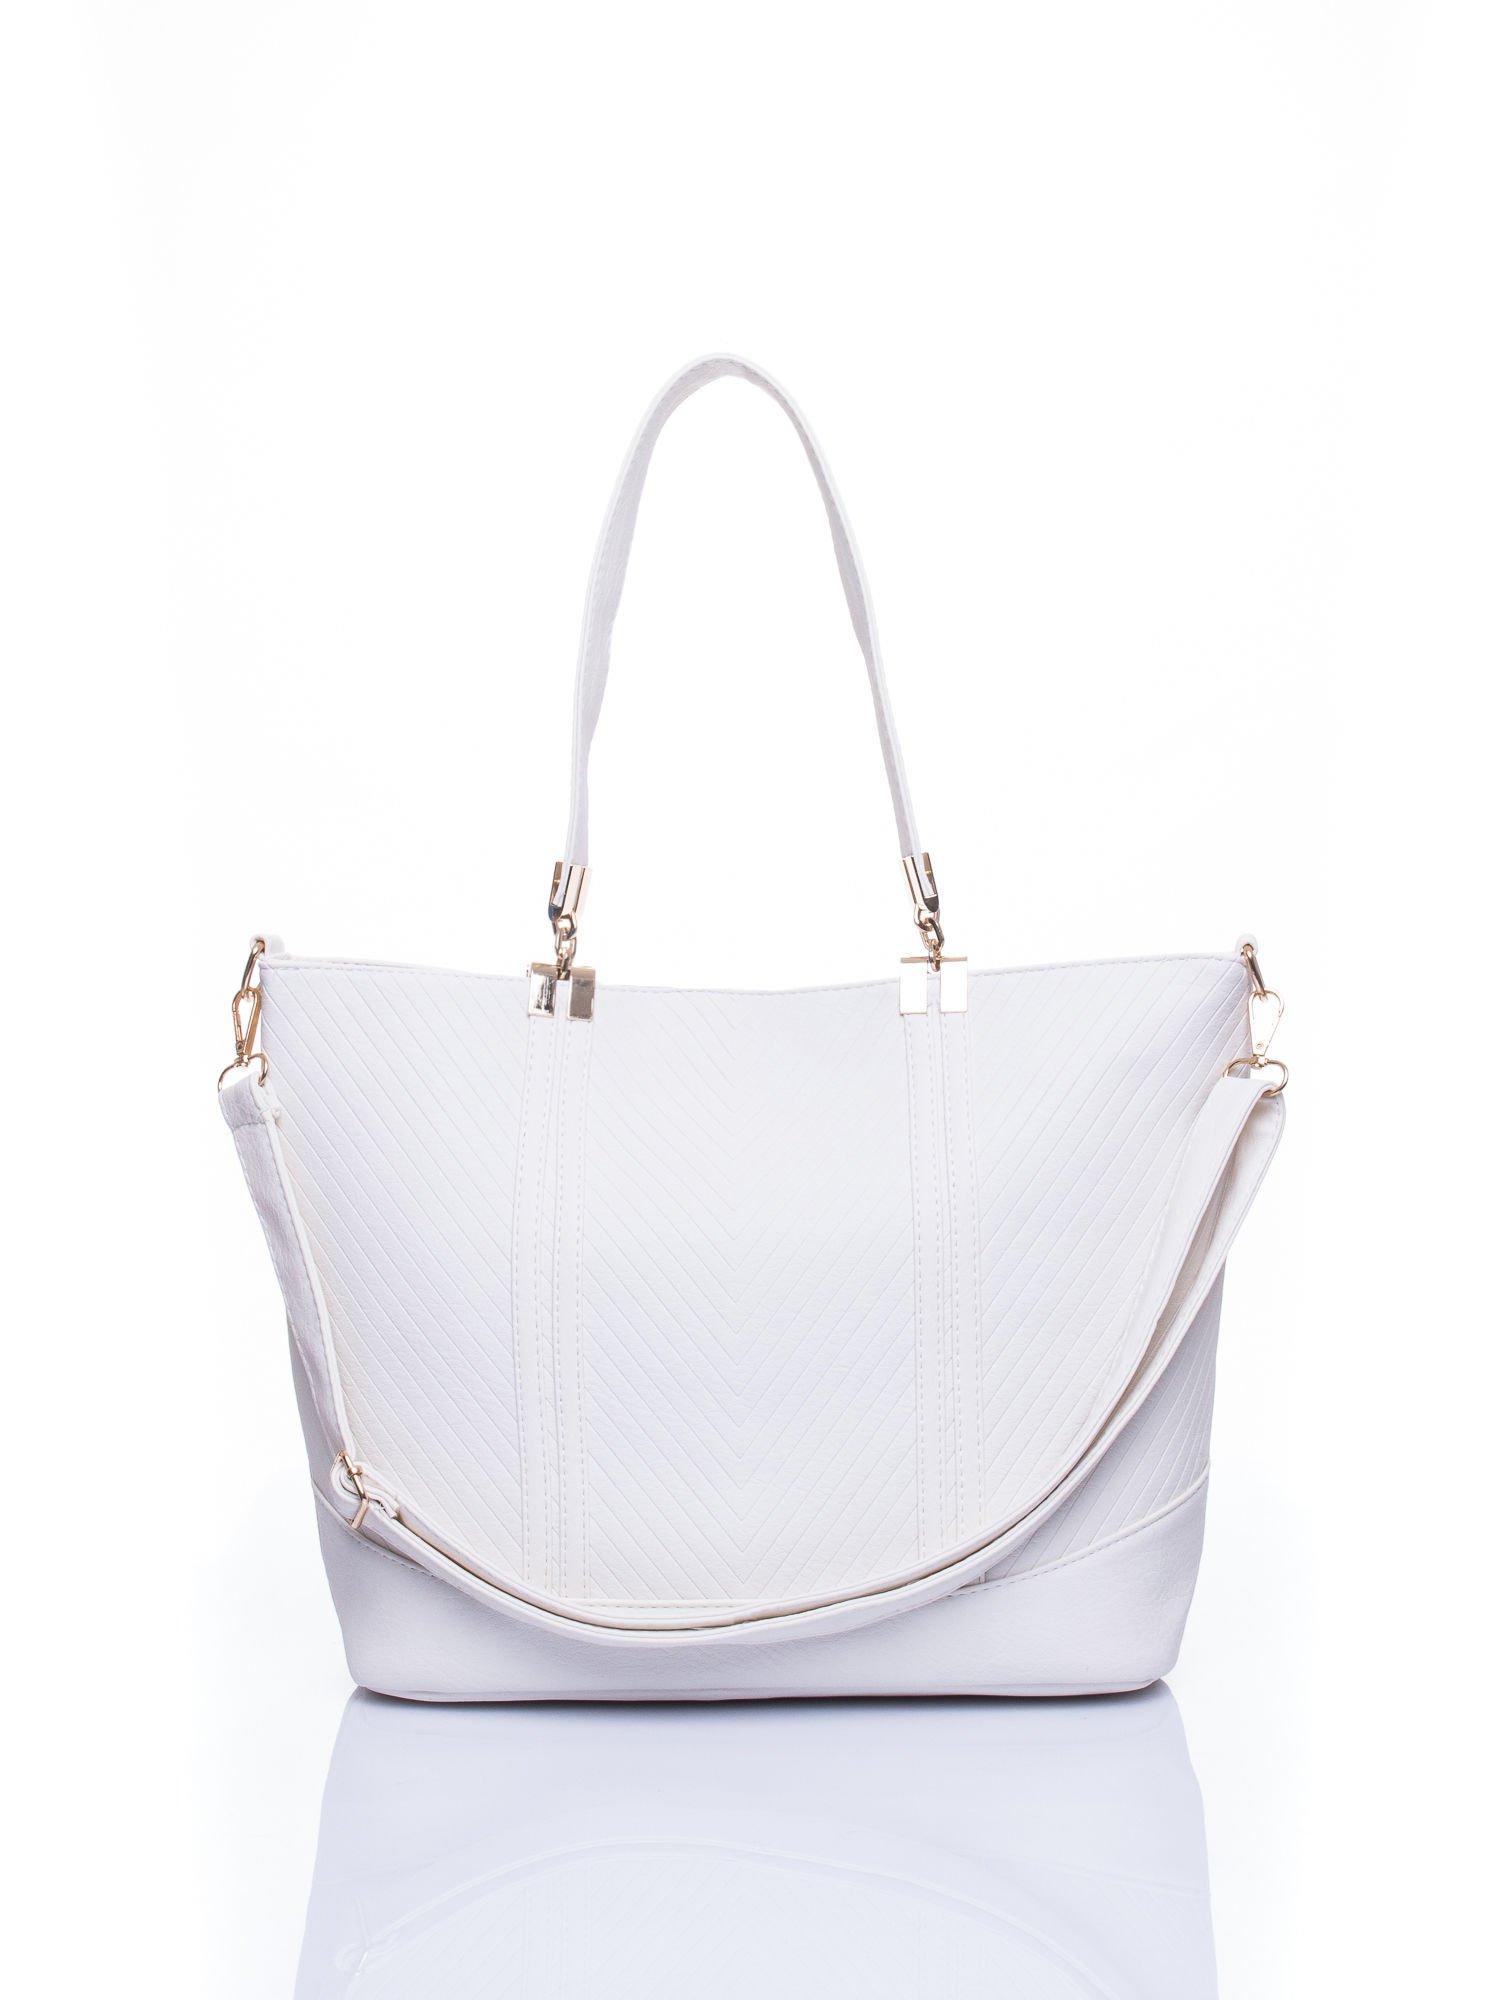 Biała fakturowana torebka damska ze złotymi okuciami                                  zdj.                                  1